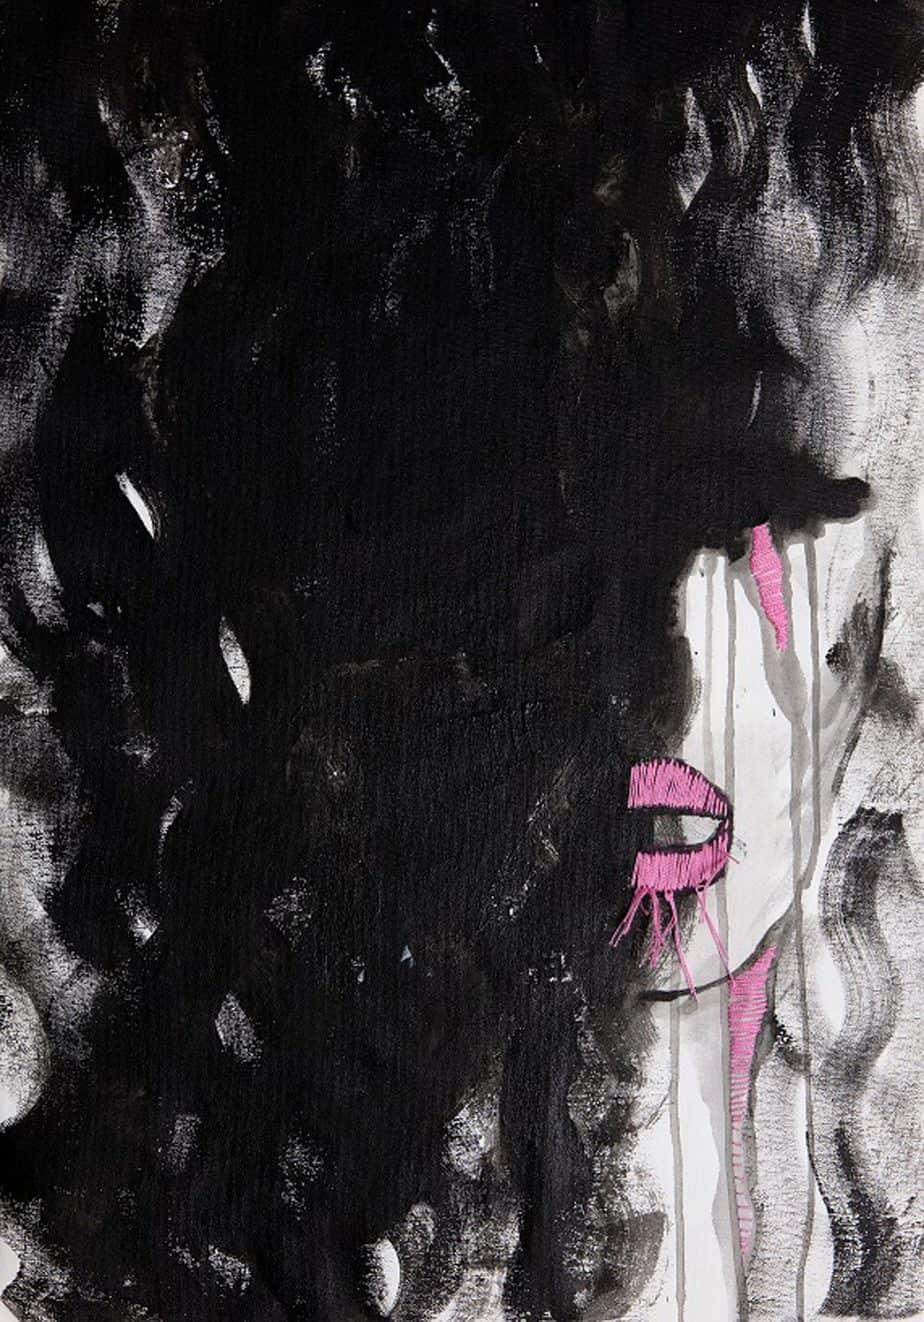 איורי אופנה מימי זיו. תערוכת איור אופנה -אוצרת: לאה פרץ, צילום רני יחזקאל (3)3